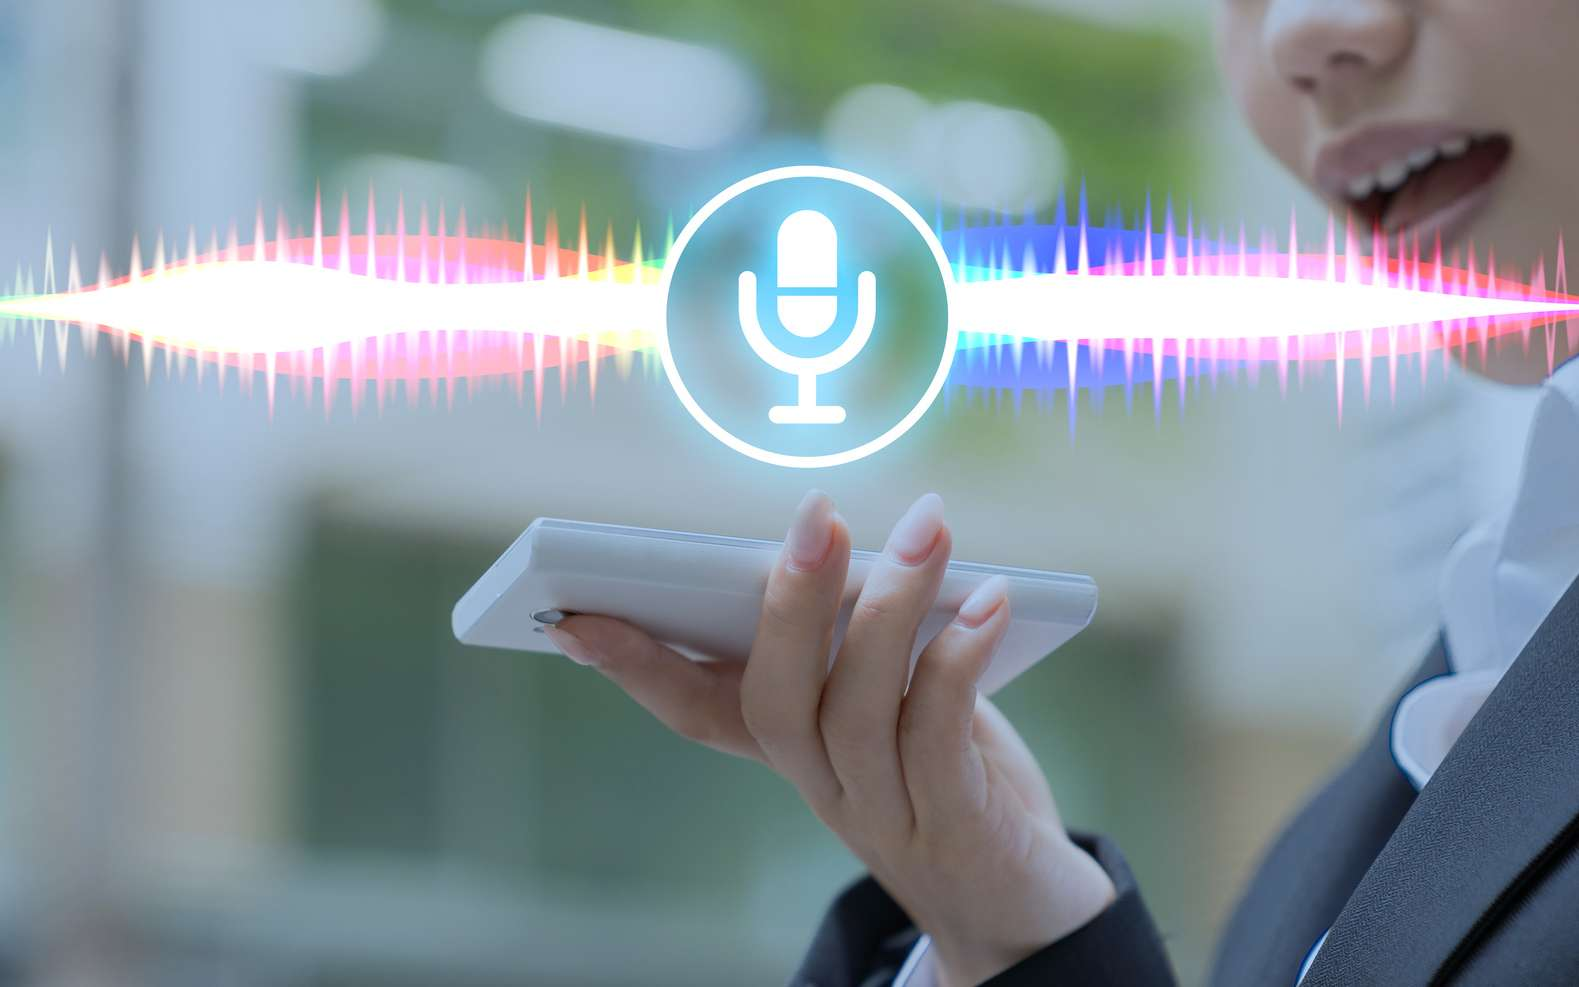 La commande vocale « Ok Google » fonctionne sur les smartphones Android et iOS. Comment l'activer ? © chombosan, fotolia